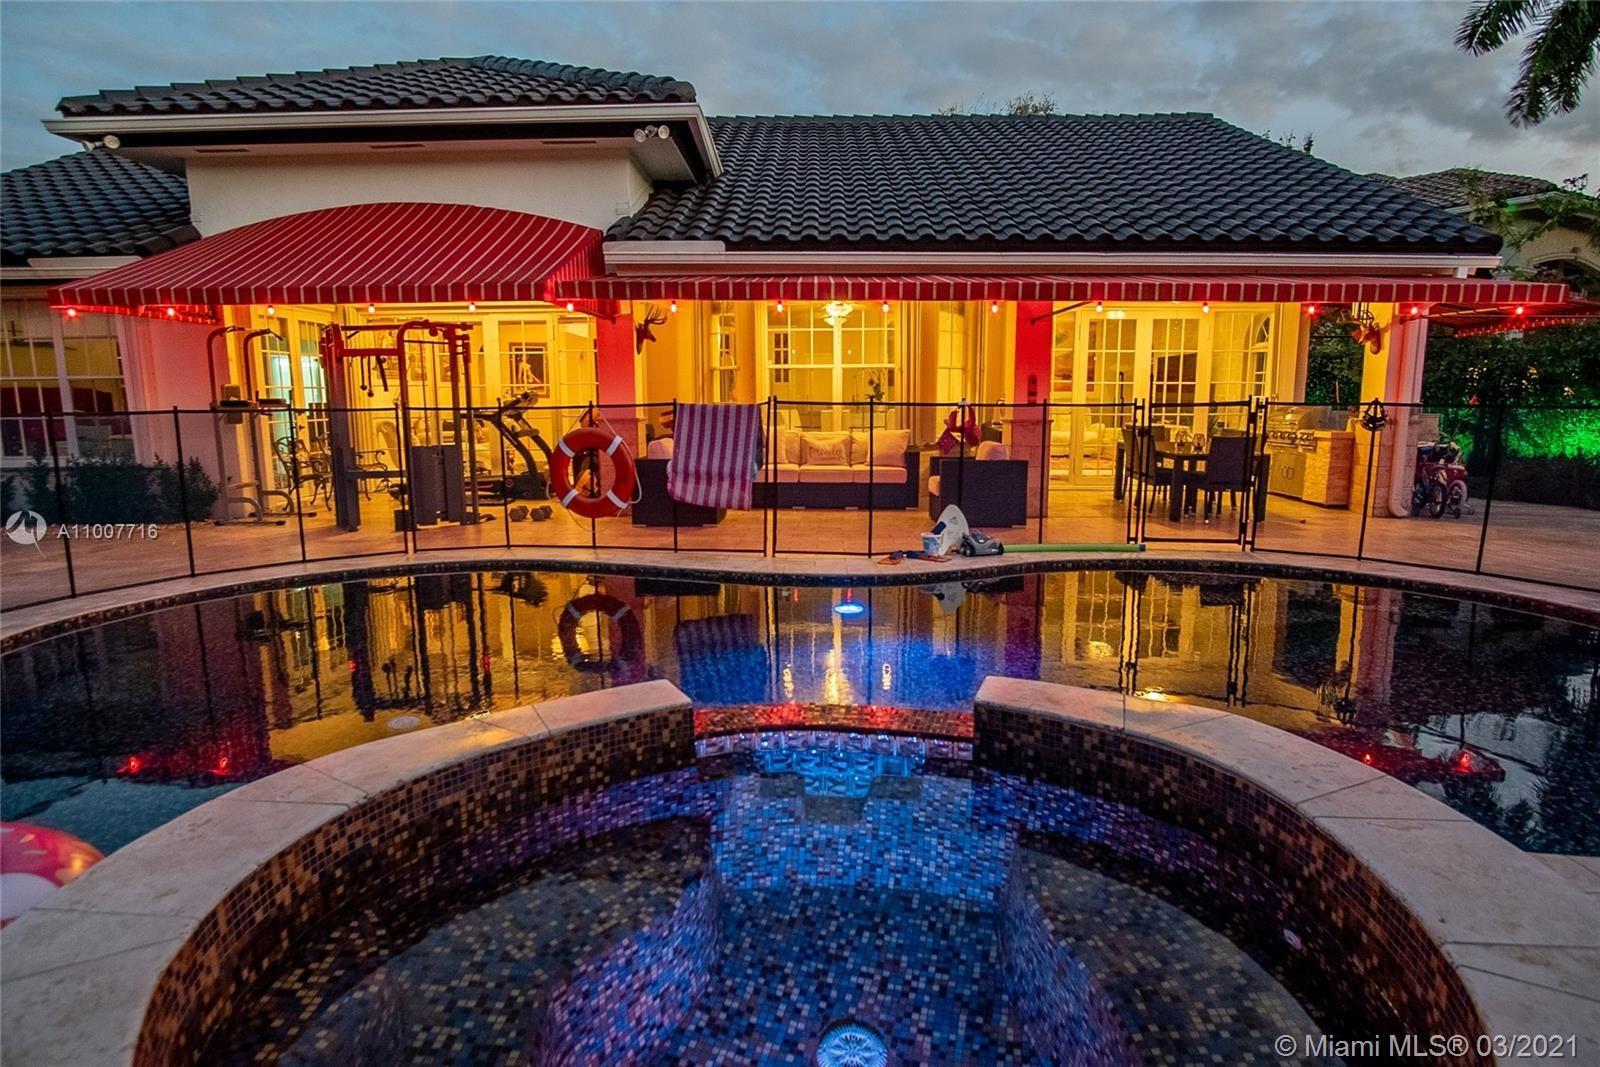 8355 NW 161st Ter, Miami Lakes, FL 33016 - #: A11007716